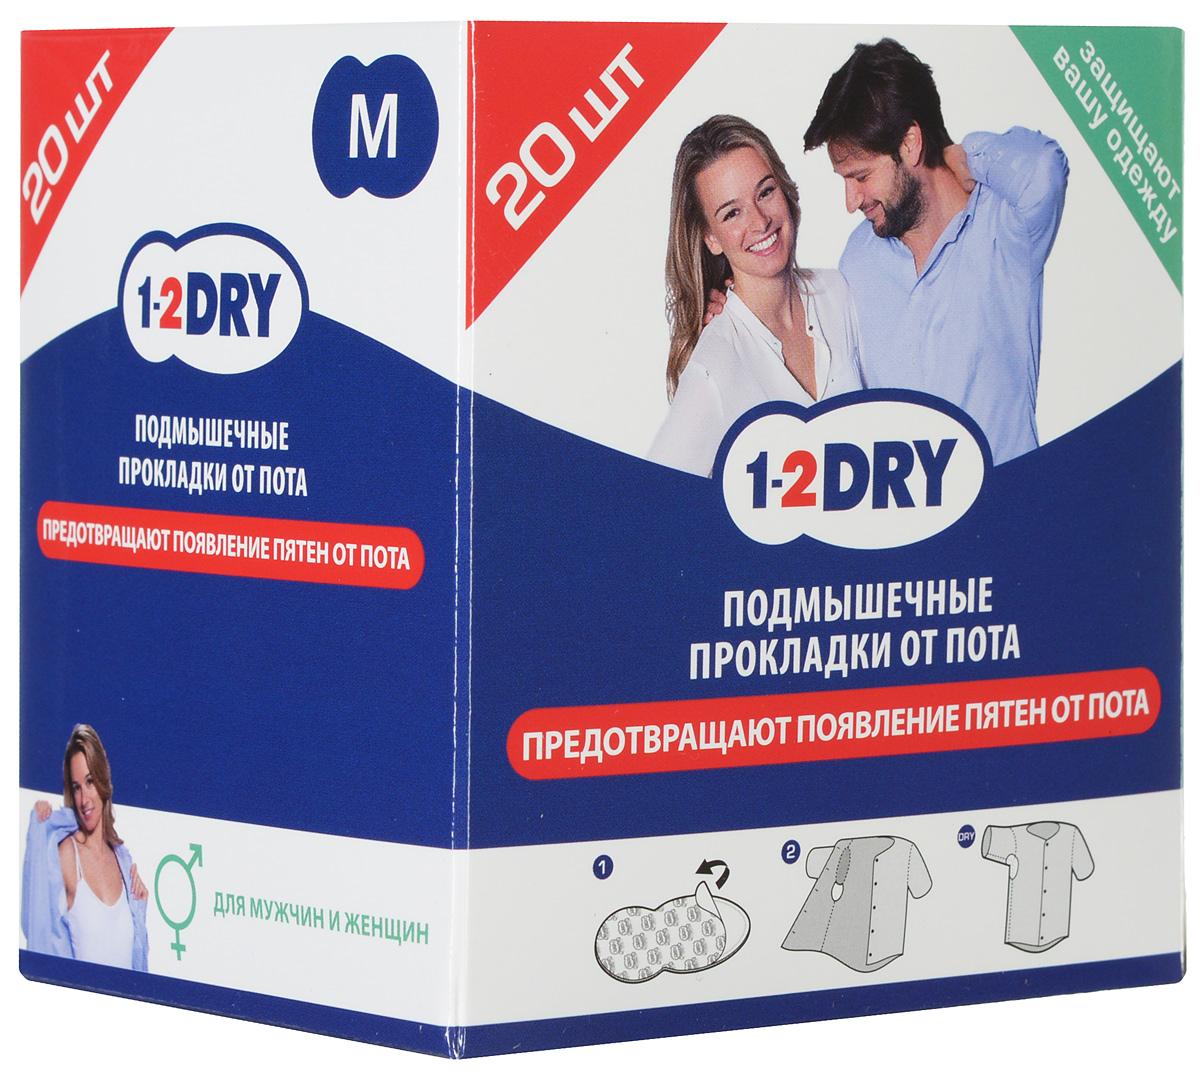 1-2Dry Прокладки для подмышек от пота №20 средние белого цветаУТ000001556Защищают Вашу одежду, предотвращают появление пятен от пота. Тонкие, мягкие, незаметные, легко крепятся к одежде. Каждая пара в индивидуальной упаковке.